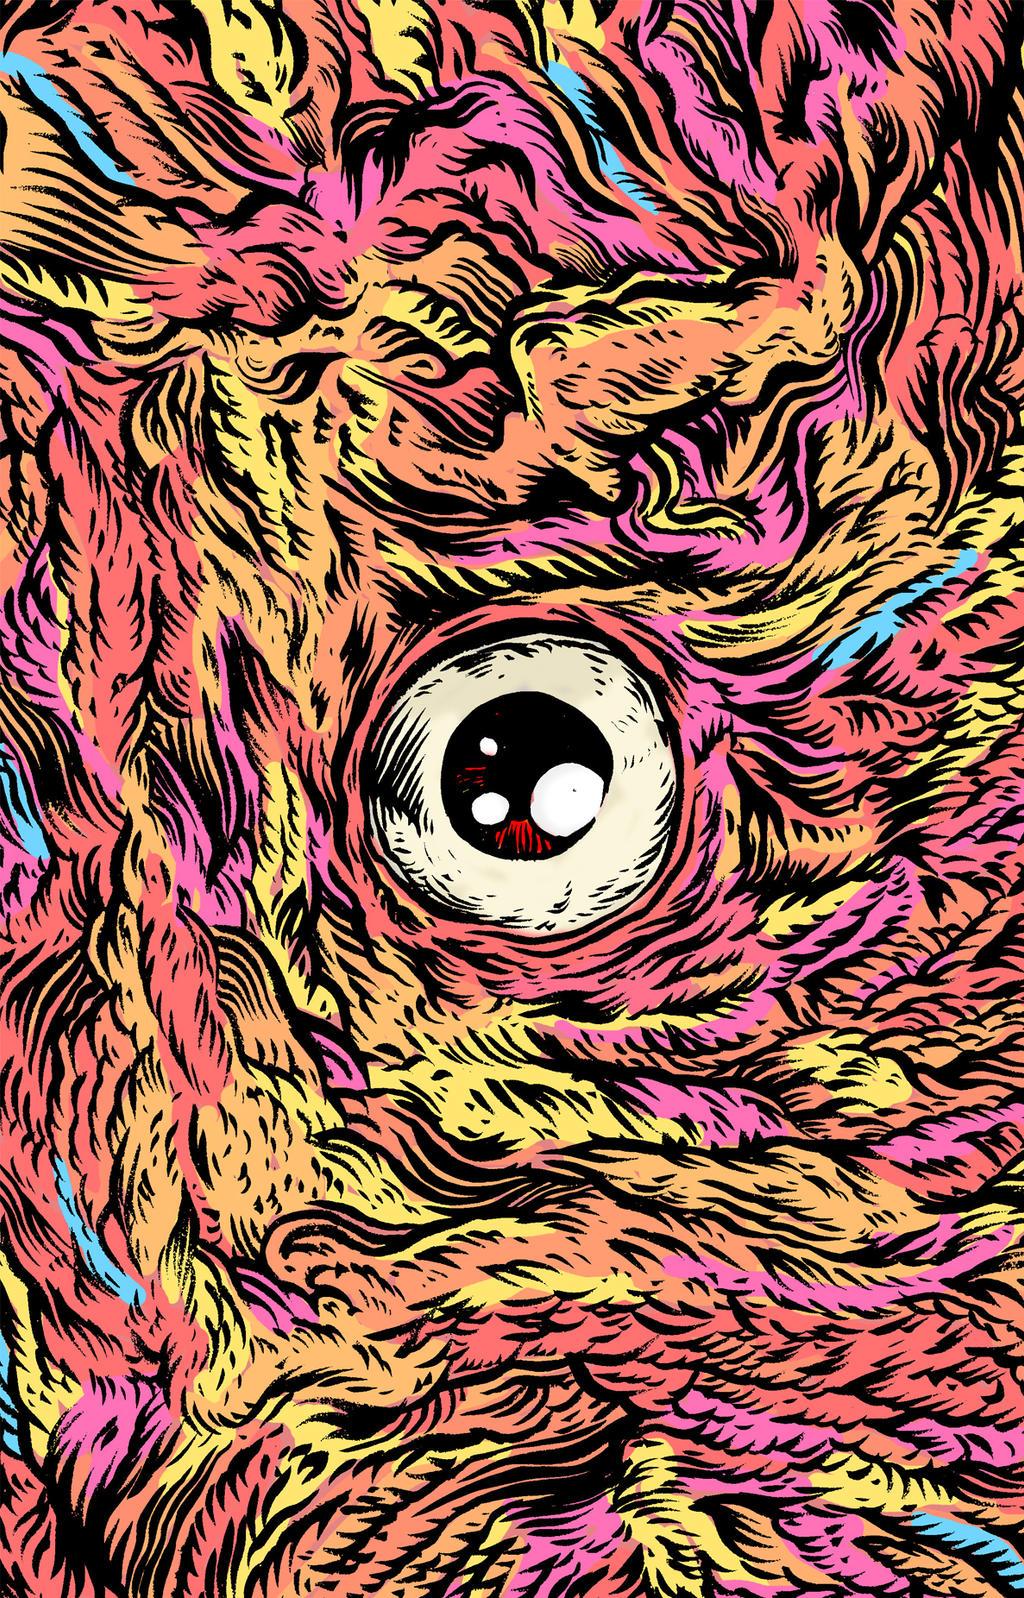 Eyephone by Niddeh